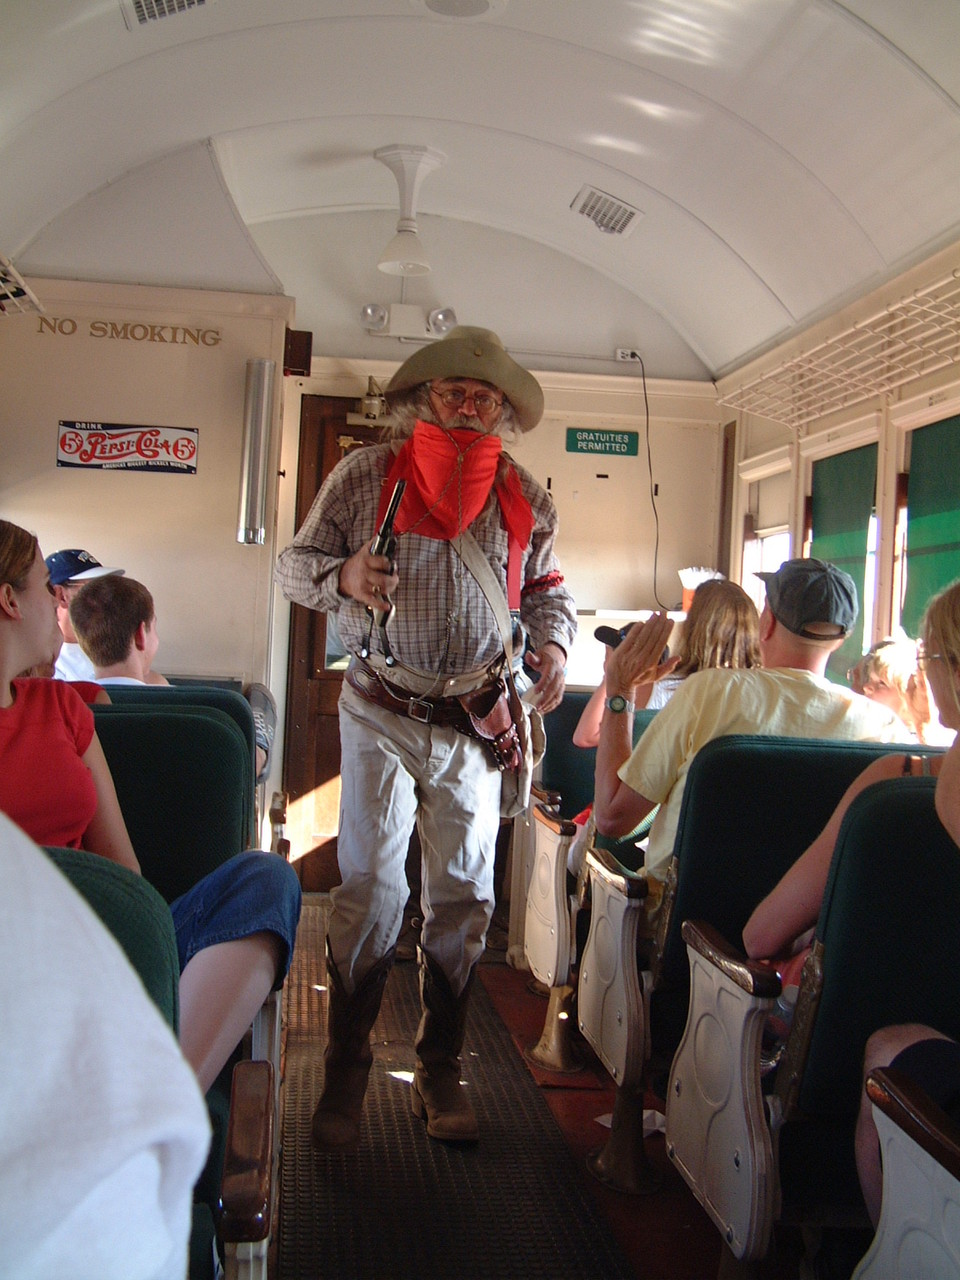 Auf der Zugfahrt von Williams zum Grand Canyon_3